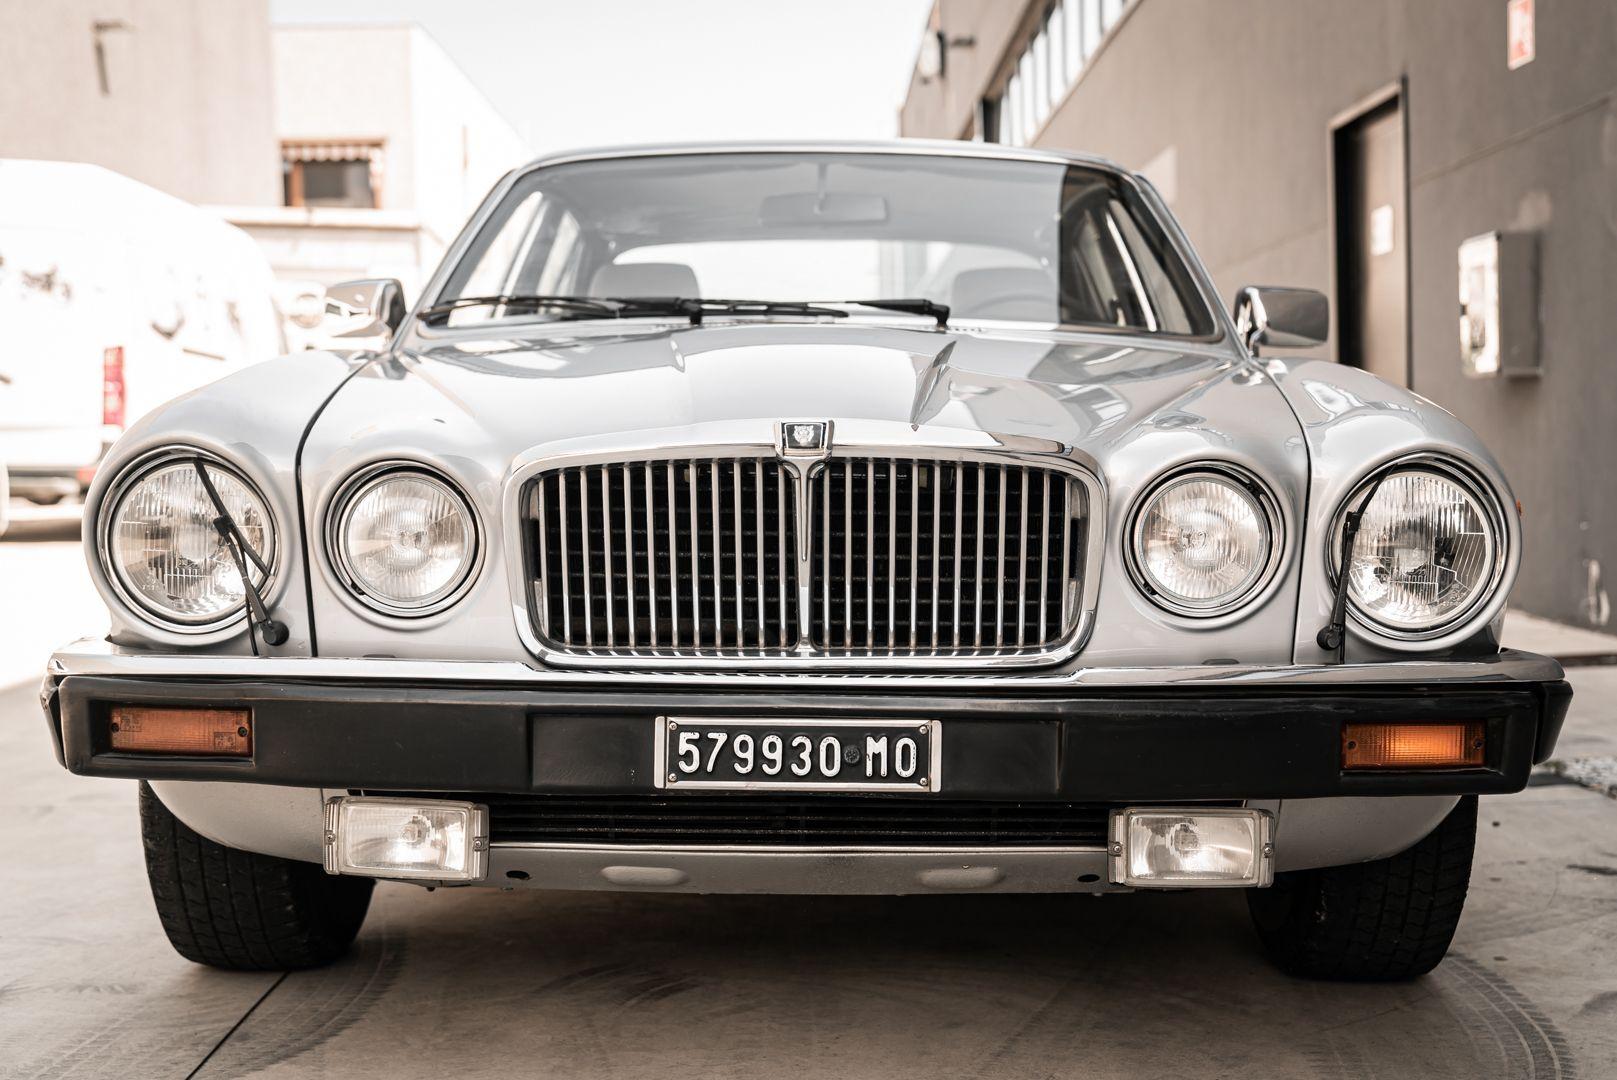 1983 Jaguar XJ6 4.2 Sovereign 80189